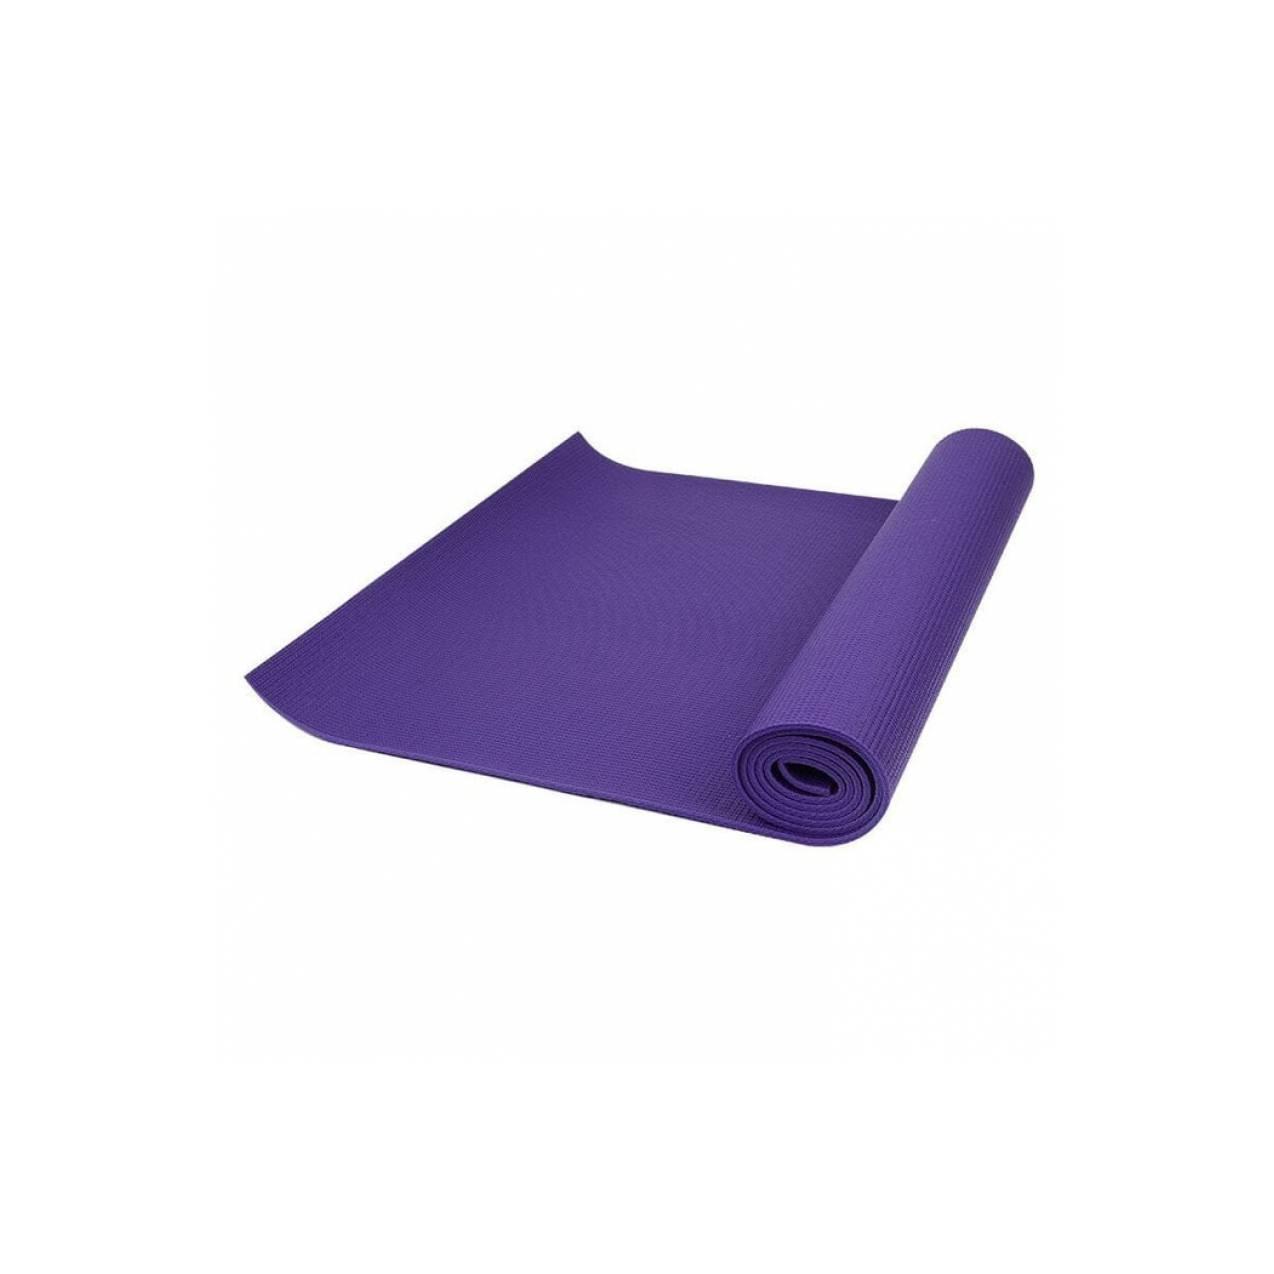 Jual matras yoga murah